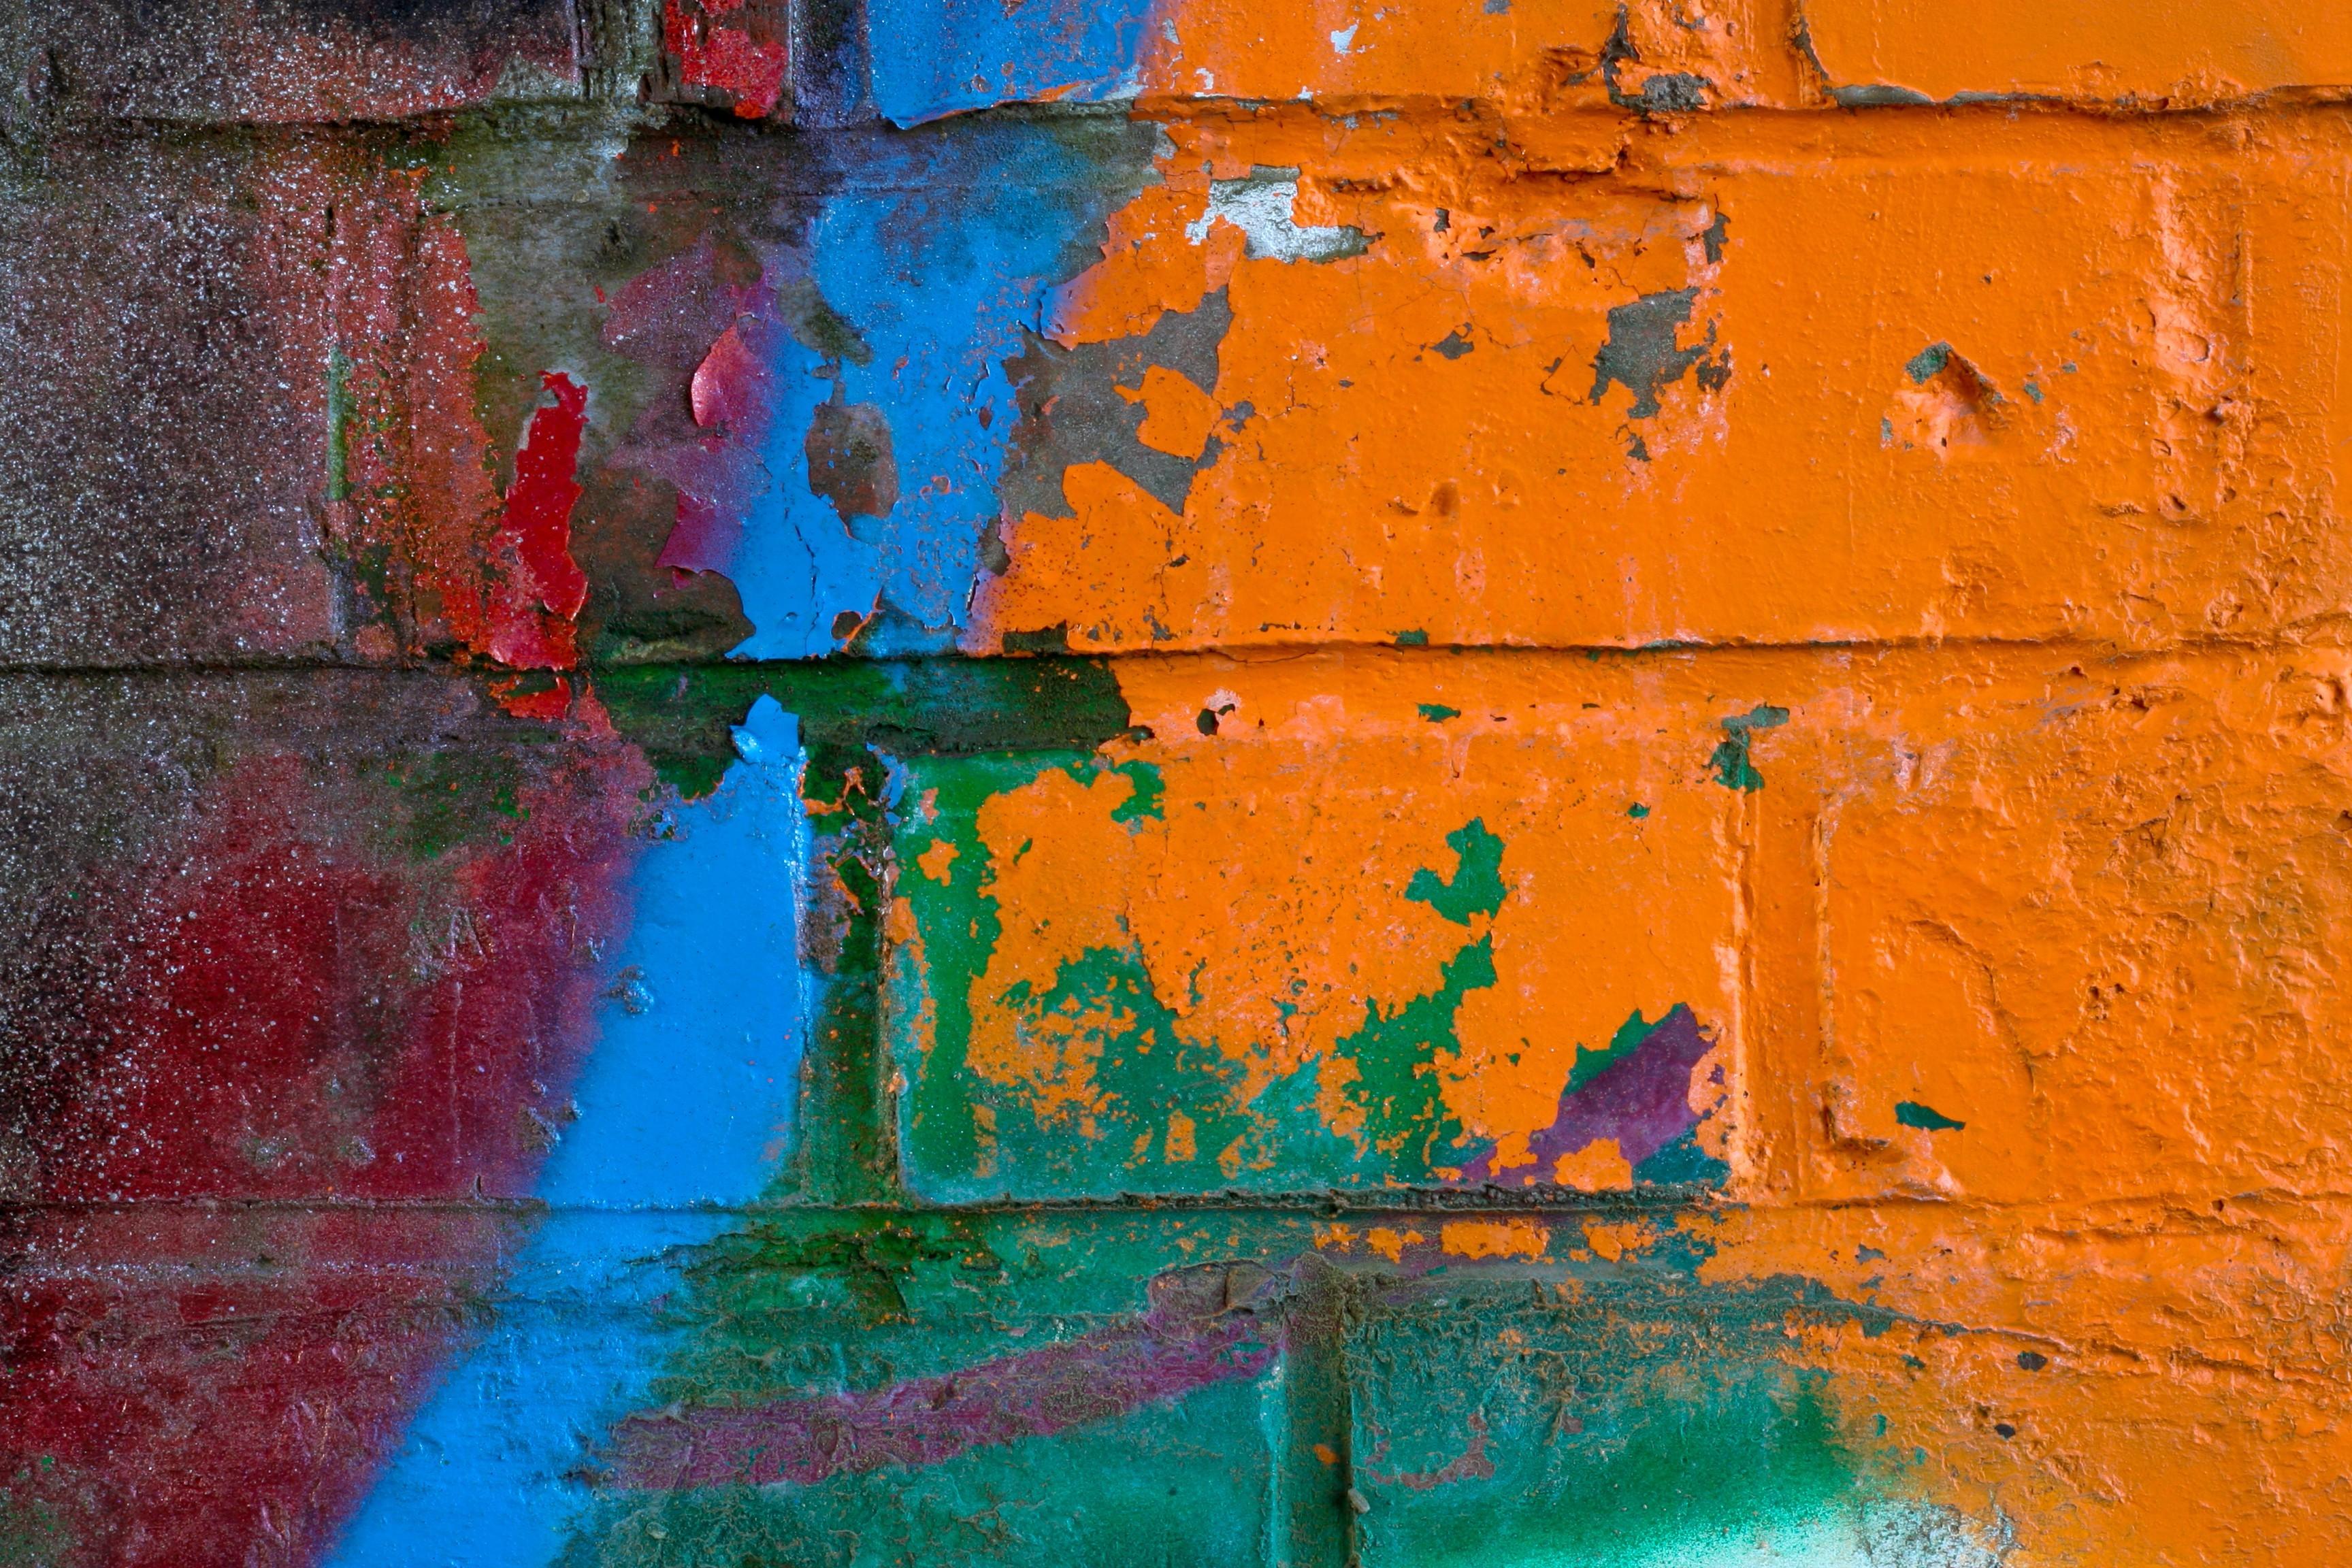 Fond D écran La Peinture Rouge Mur Bleu Texture Art